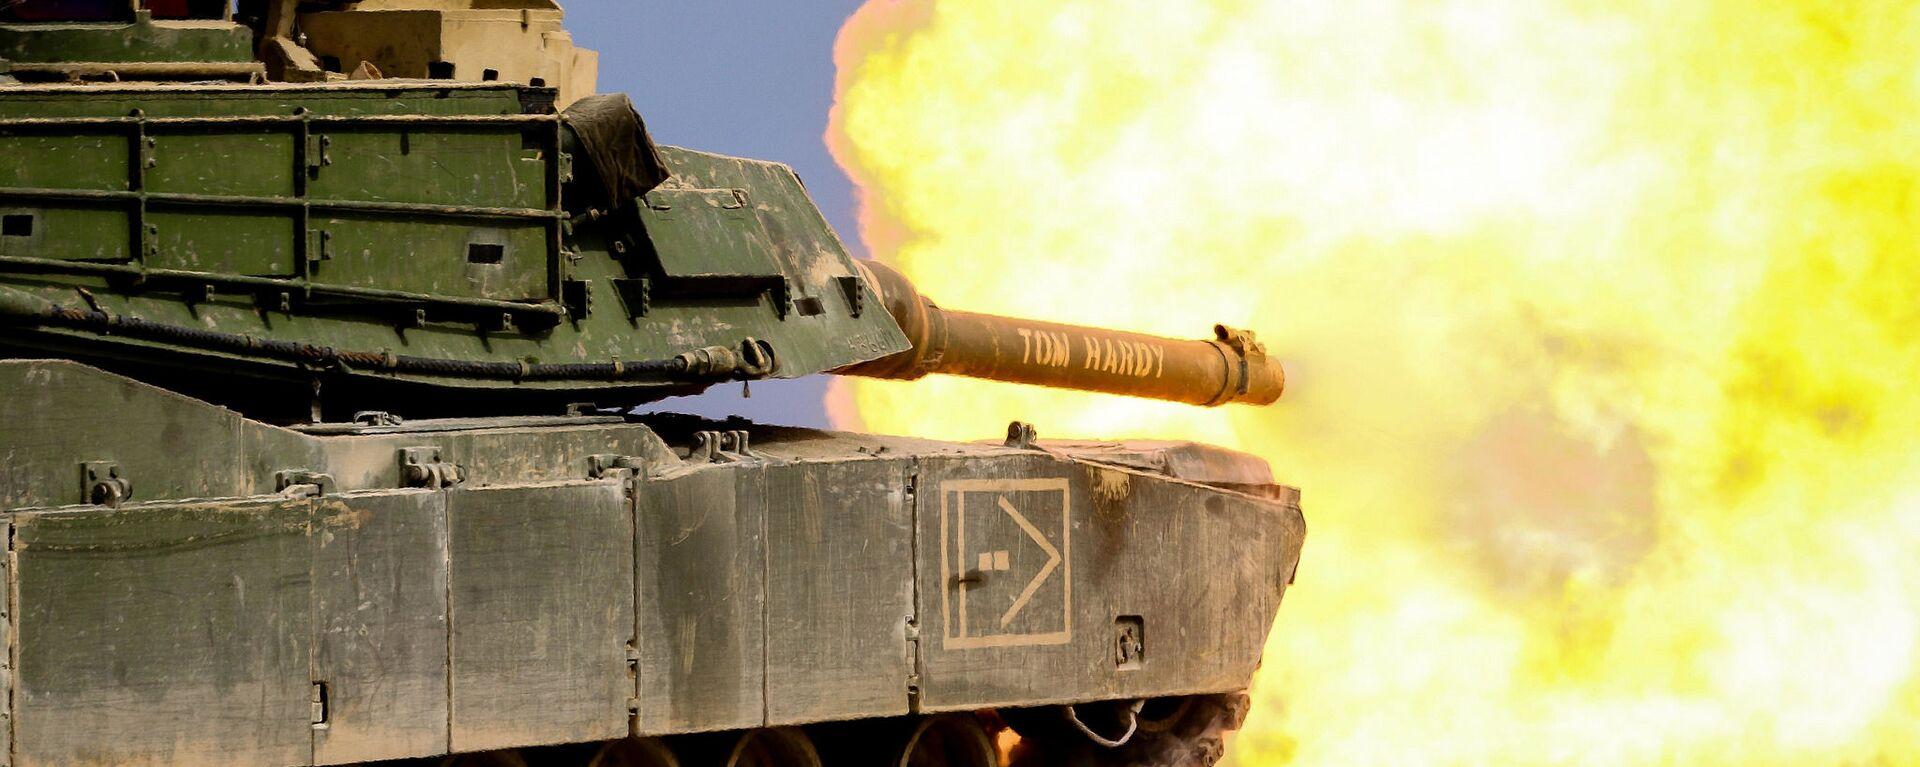 """Amerykański czołg M1 """"Abrams"""" podczas ćwiczeń wojskowych - Sputnik Polska, 1920, 02.08.2020"""